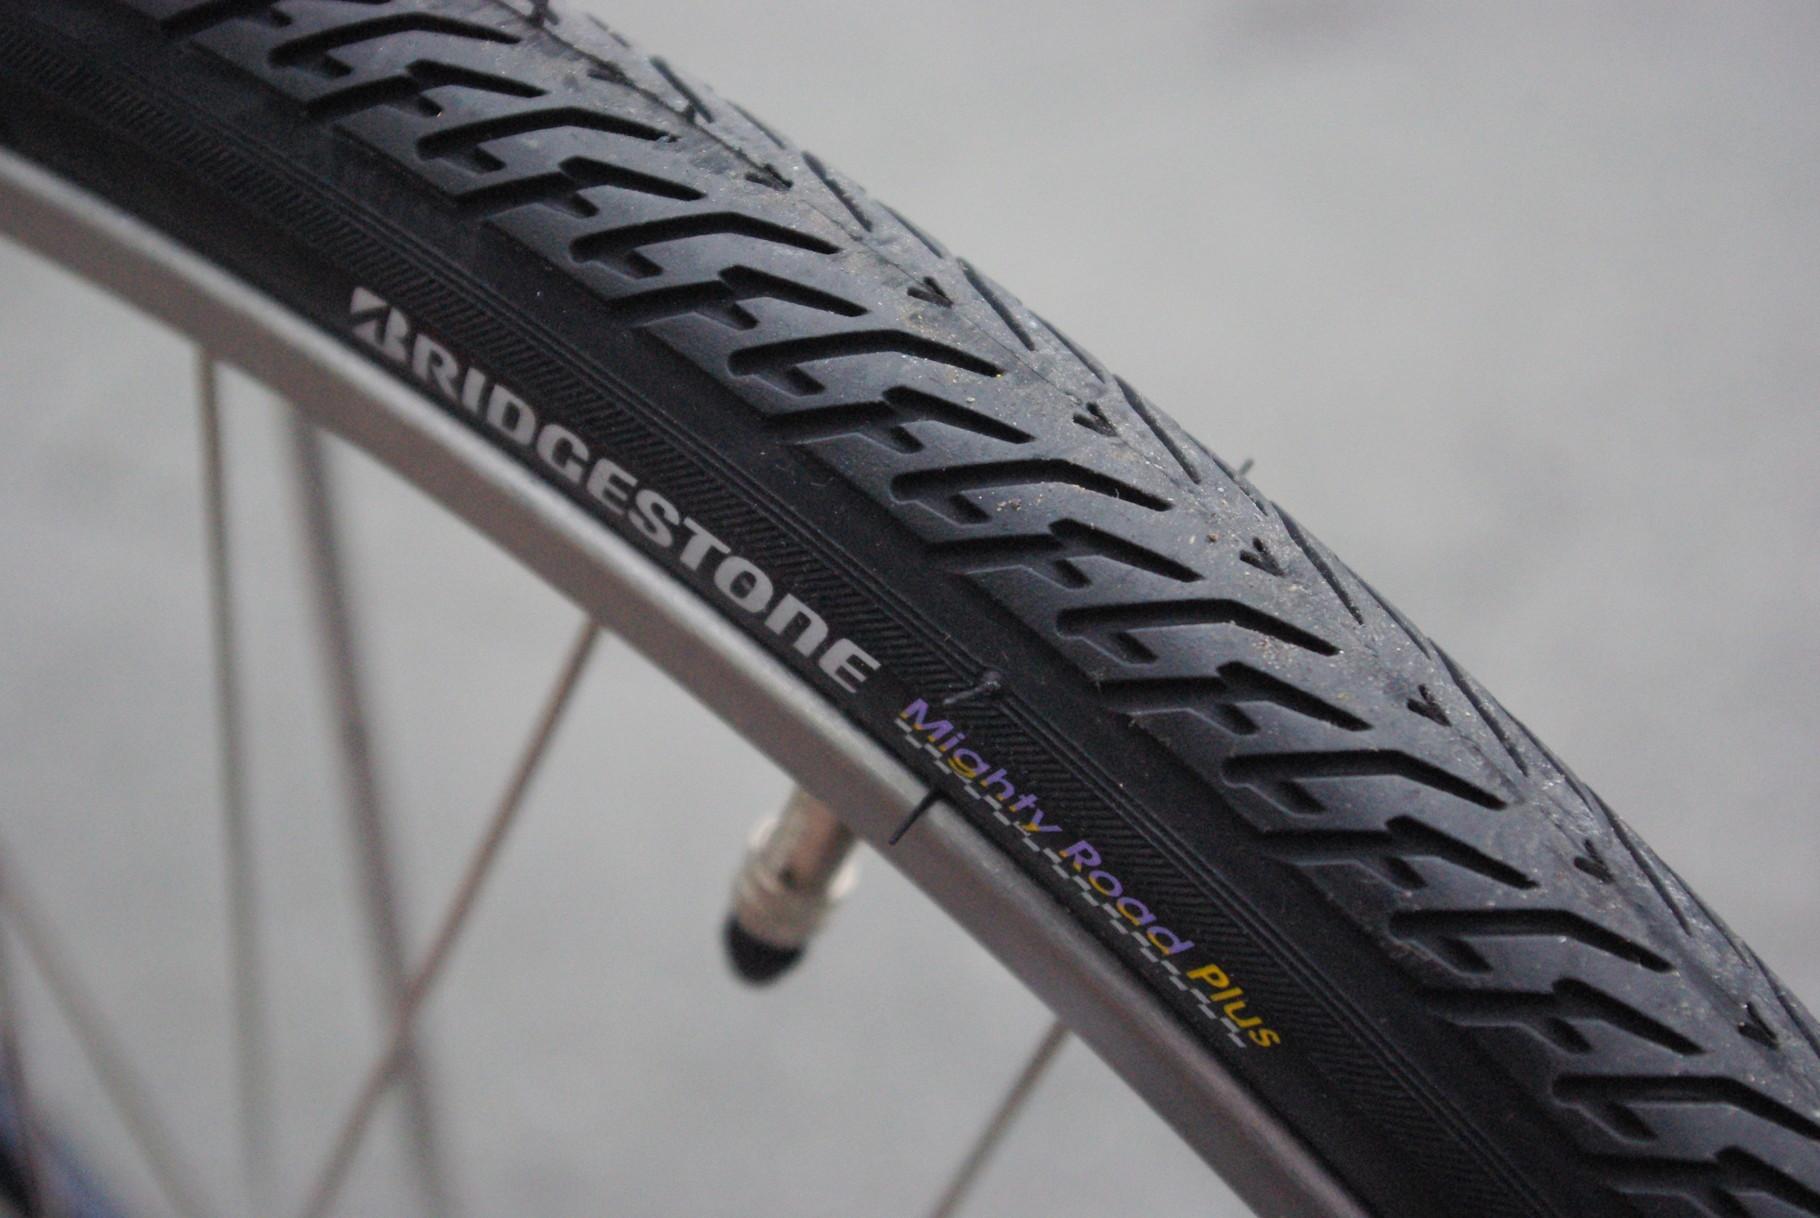 耐突き刺しパンク性に優れ、転がり抵抗の軽いマイティロードプラスタイヤを前輪に。同じく耐付き刺し性に強く、さらに長寿命を誇るロングライフ+タイヤを後輪に装備。